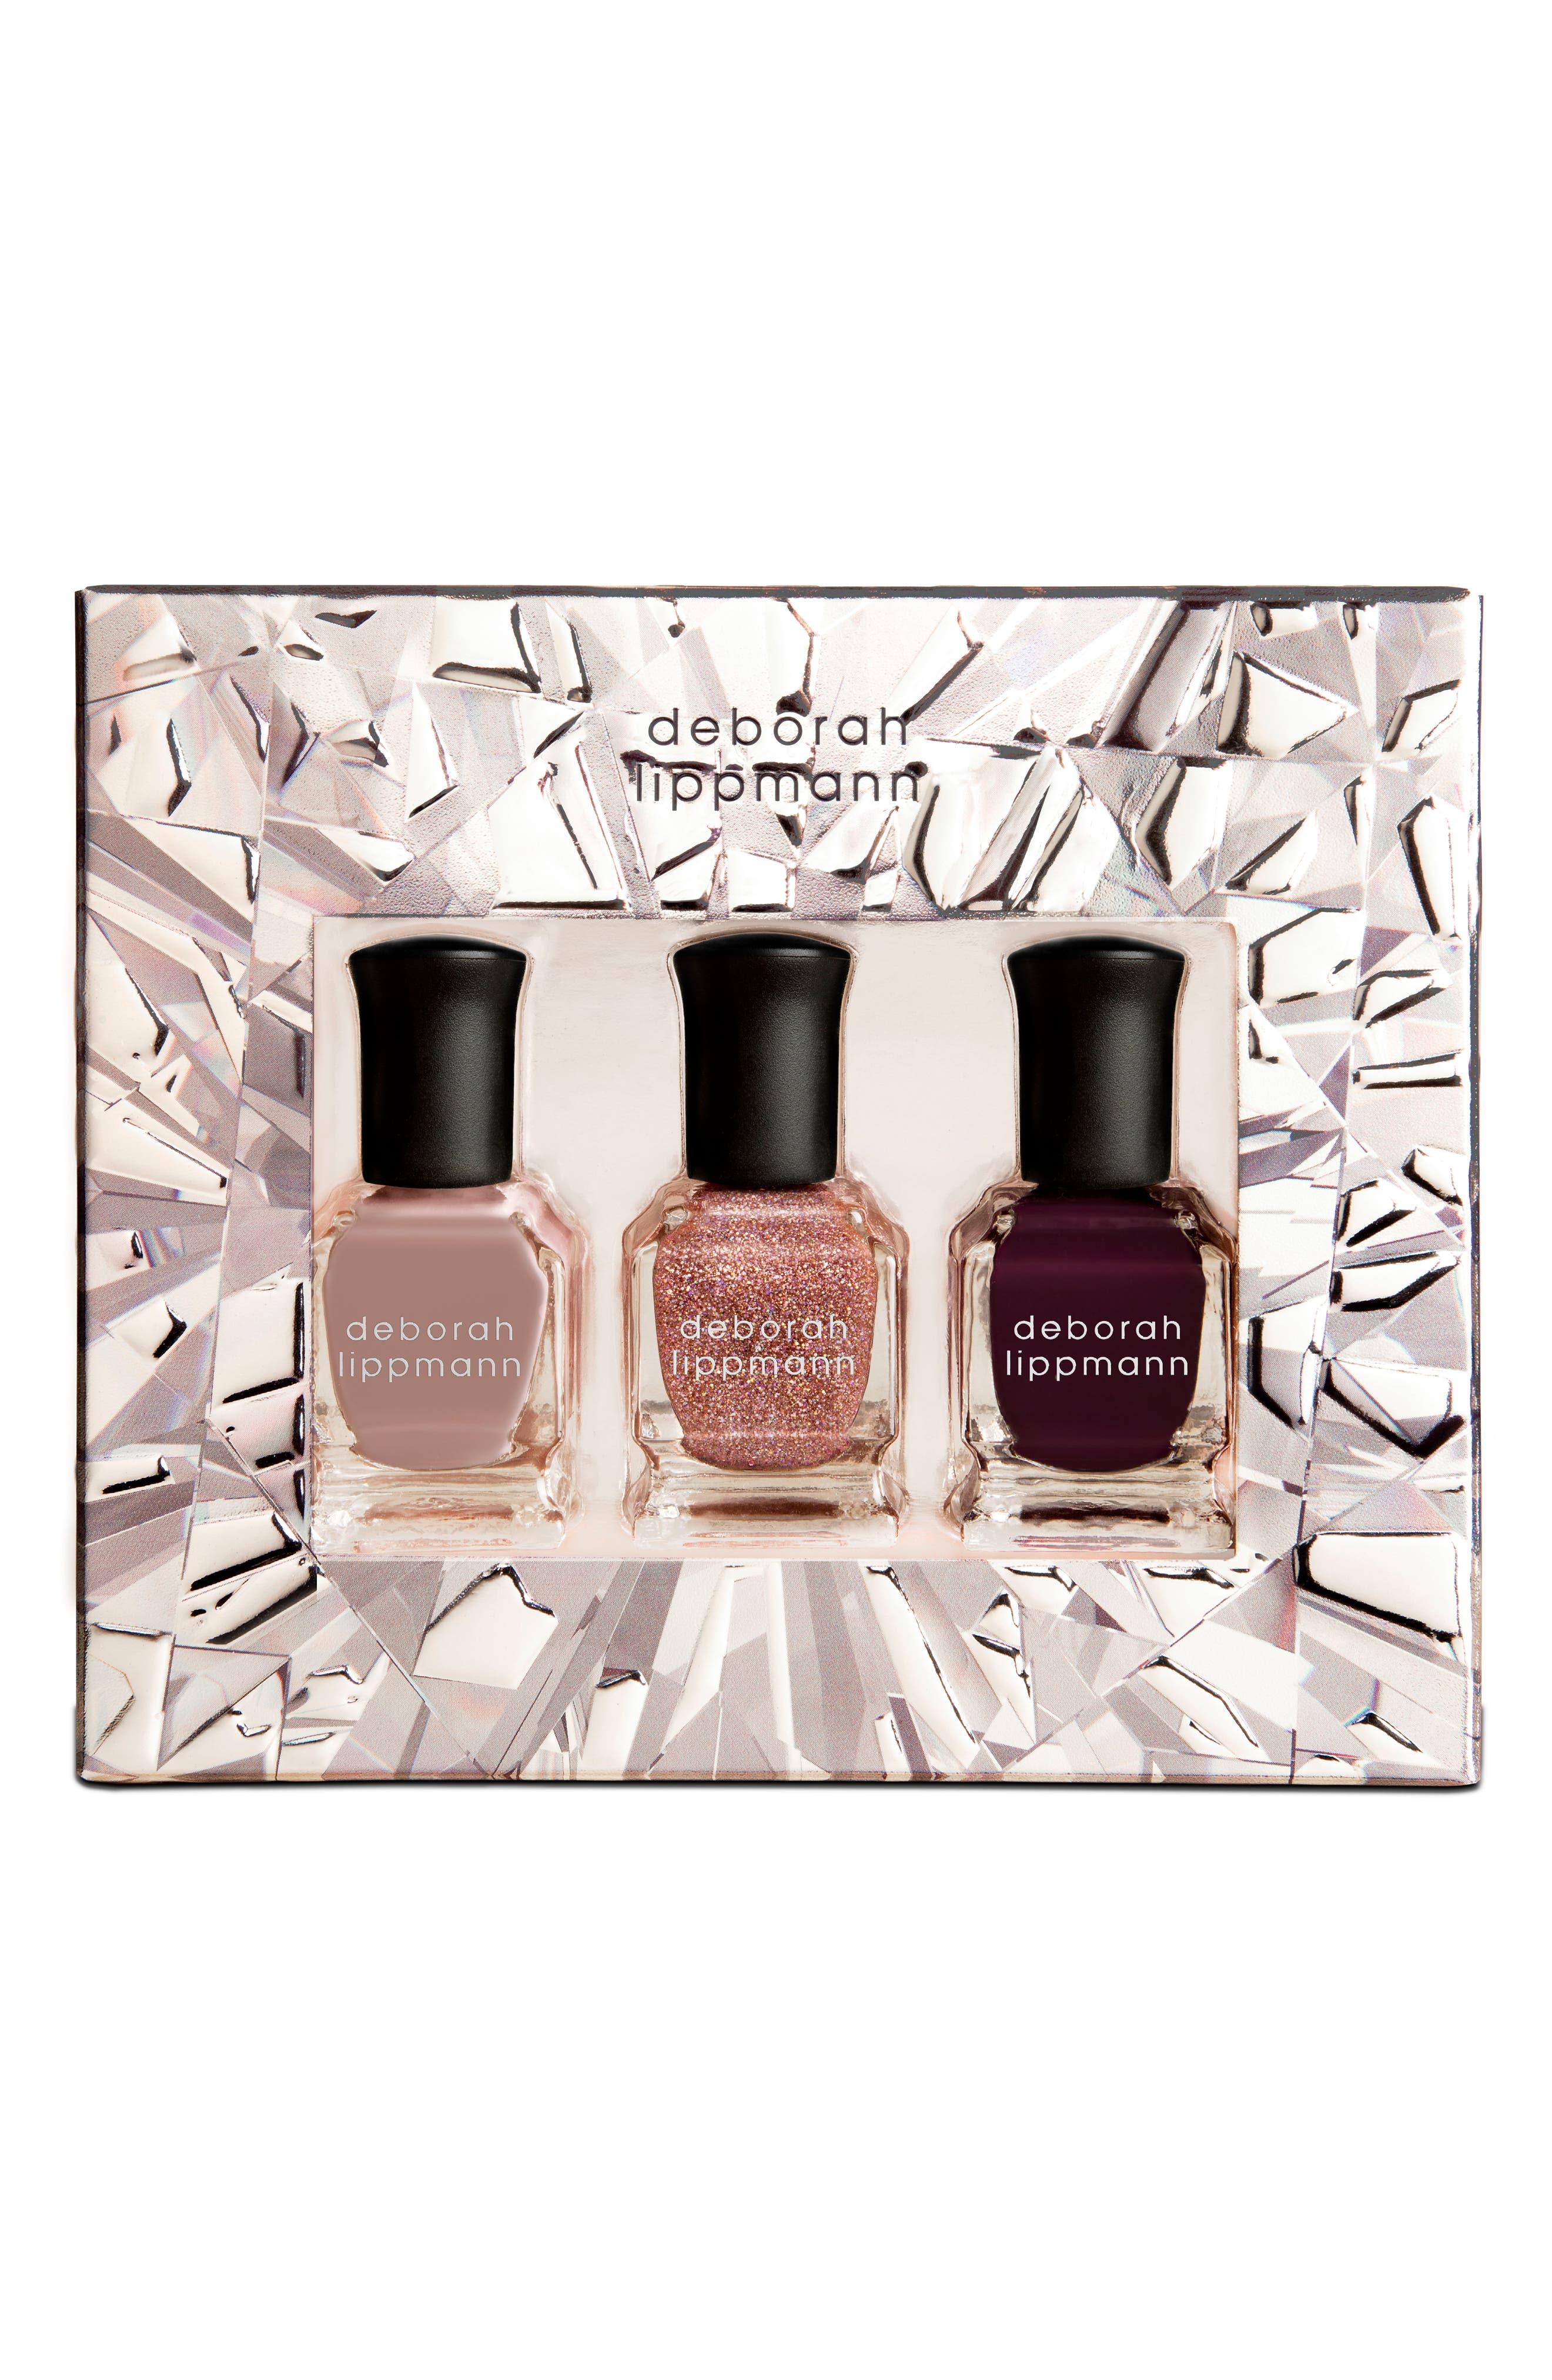 Deborah Lippmann Color on Glass Nail Color Set ($36 Value)